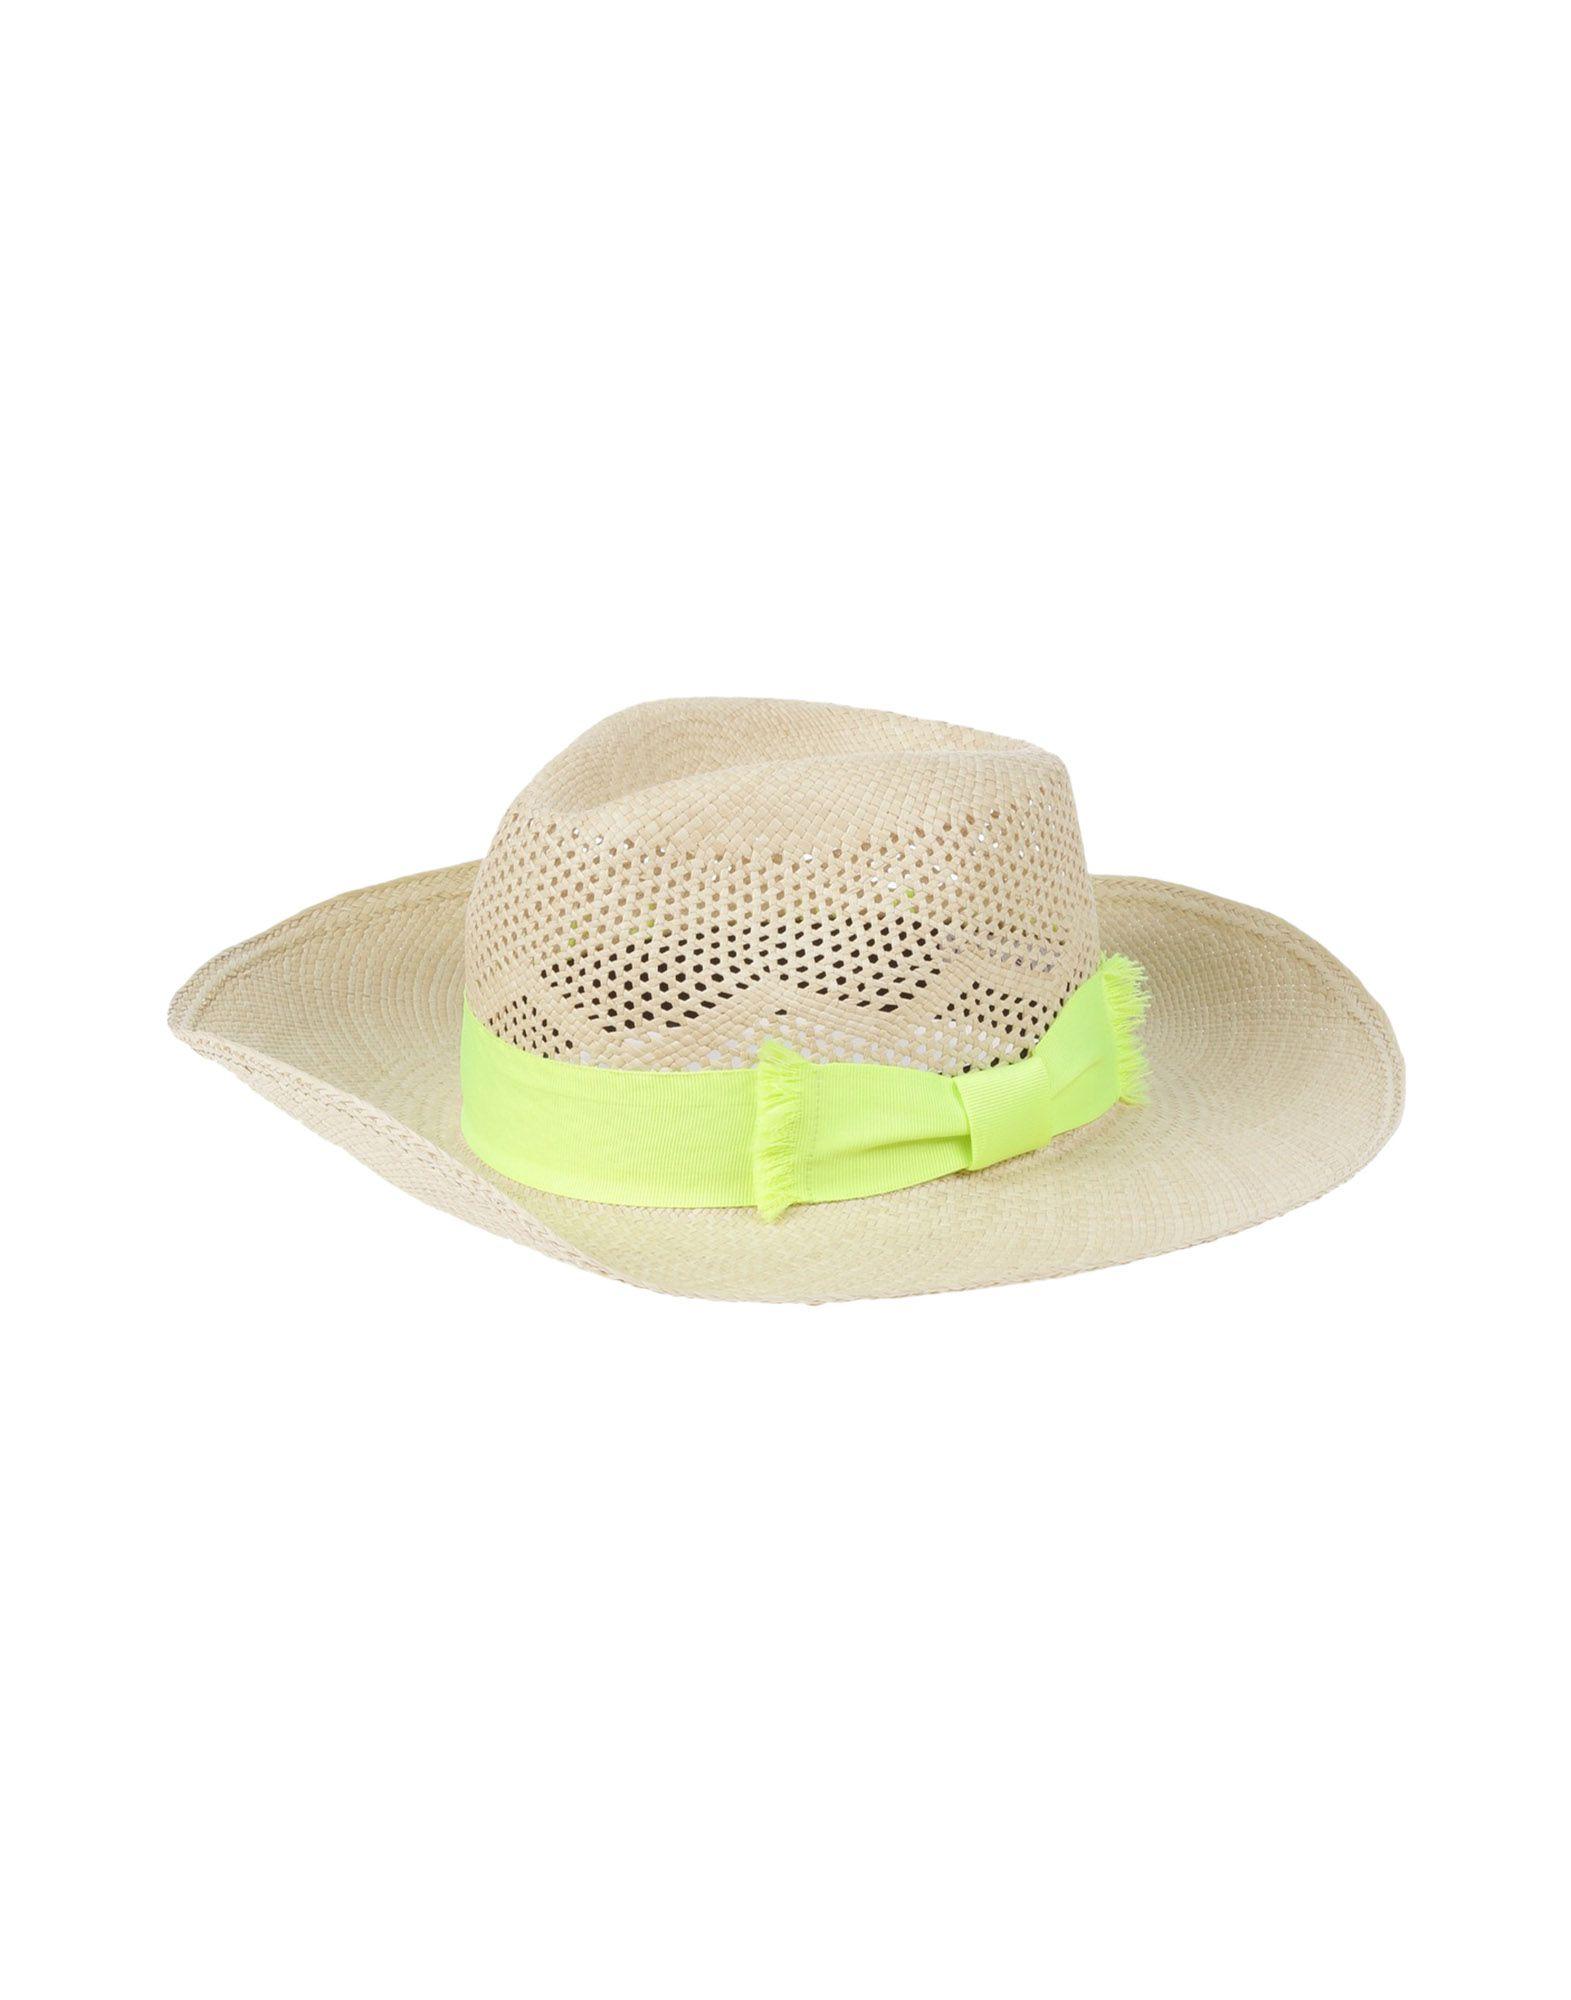 《送料無料》SENSI STUDIO レディース 帽子 アイボリー M ストロー